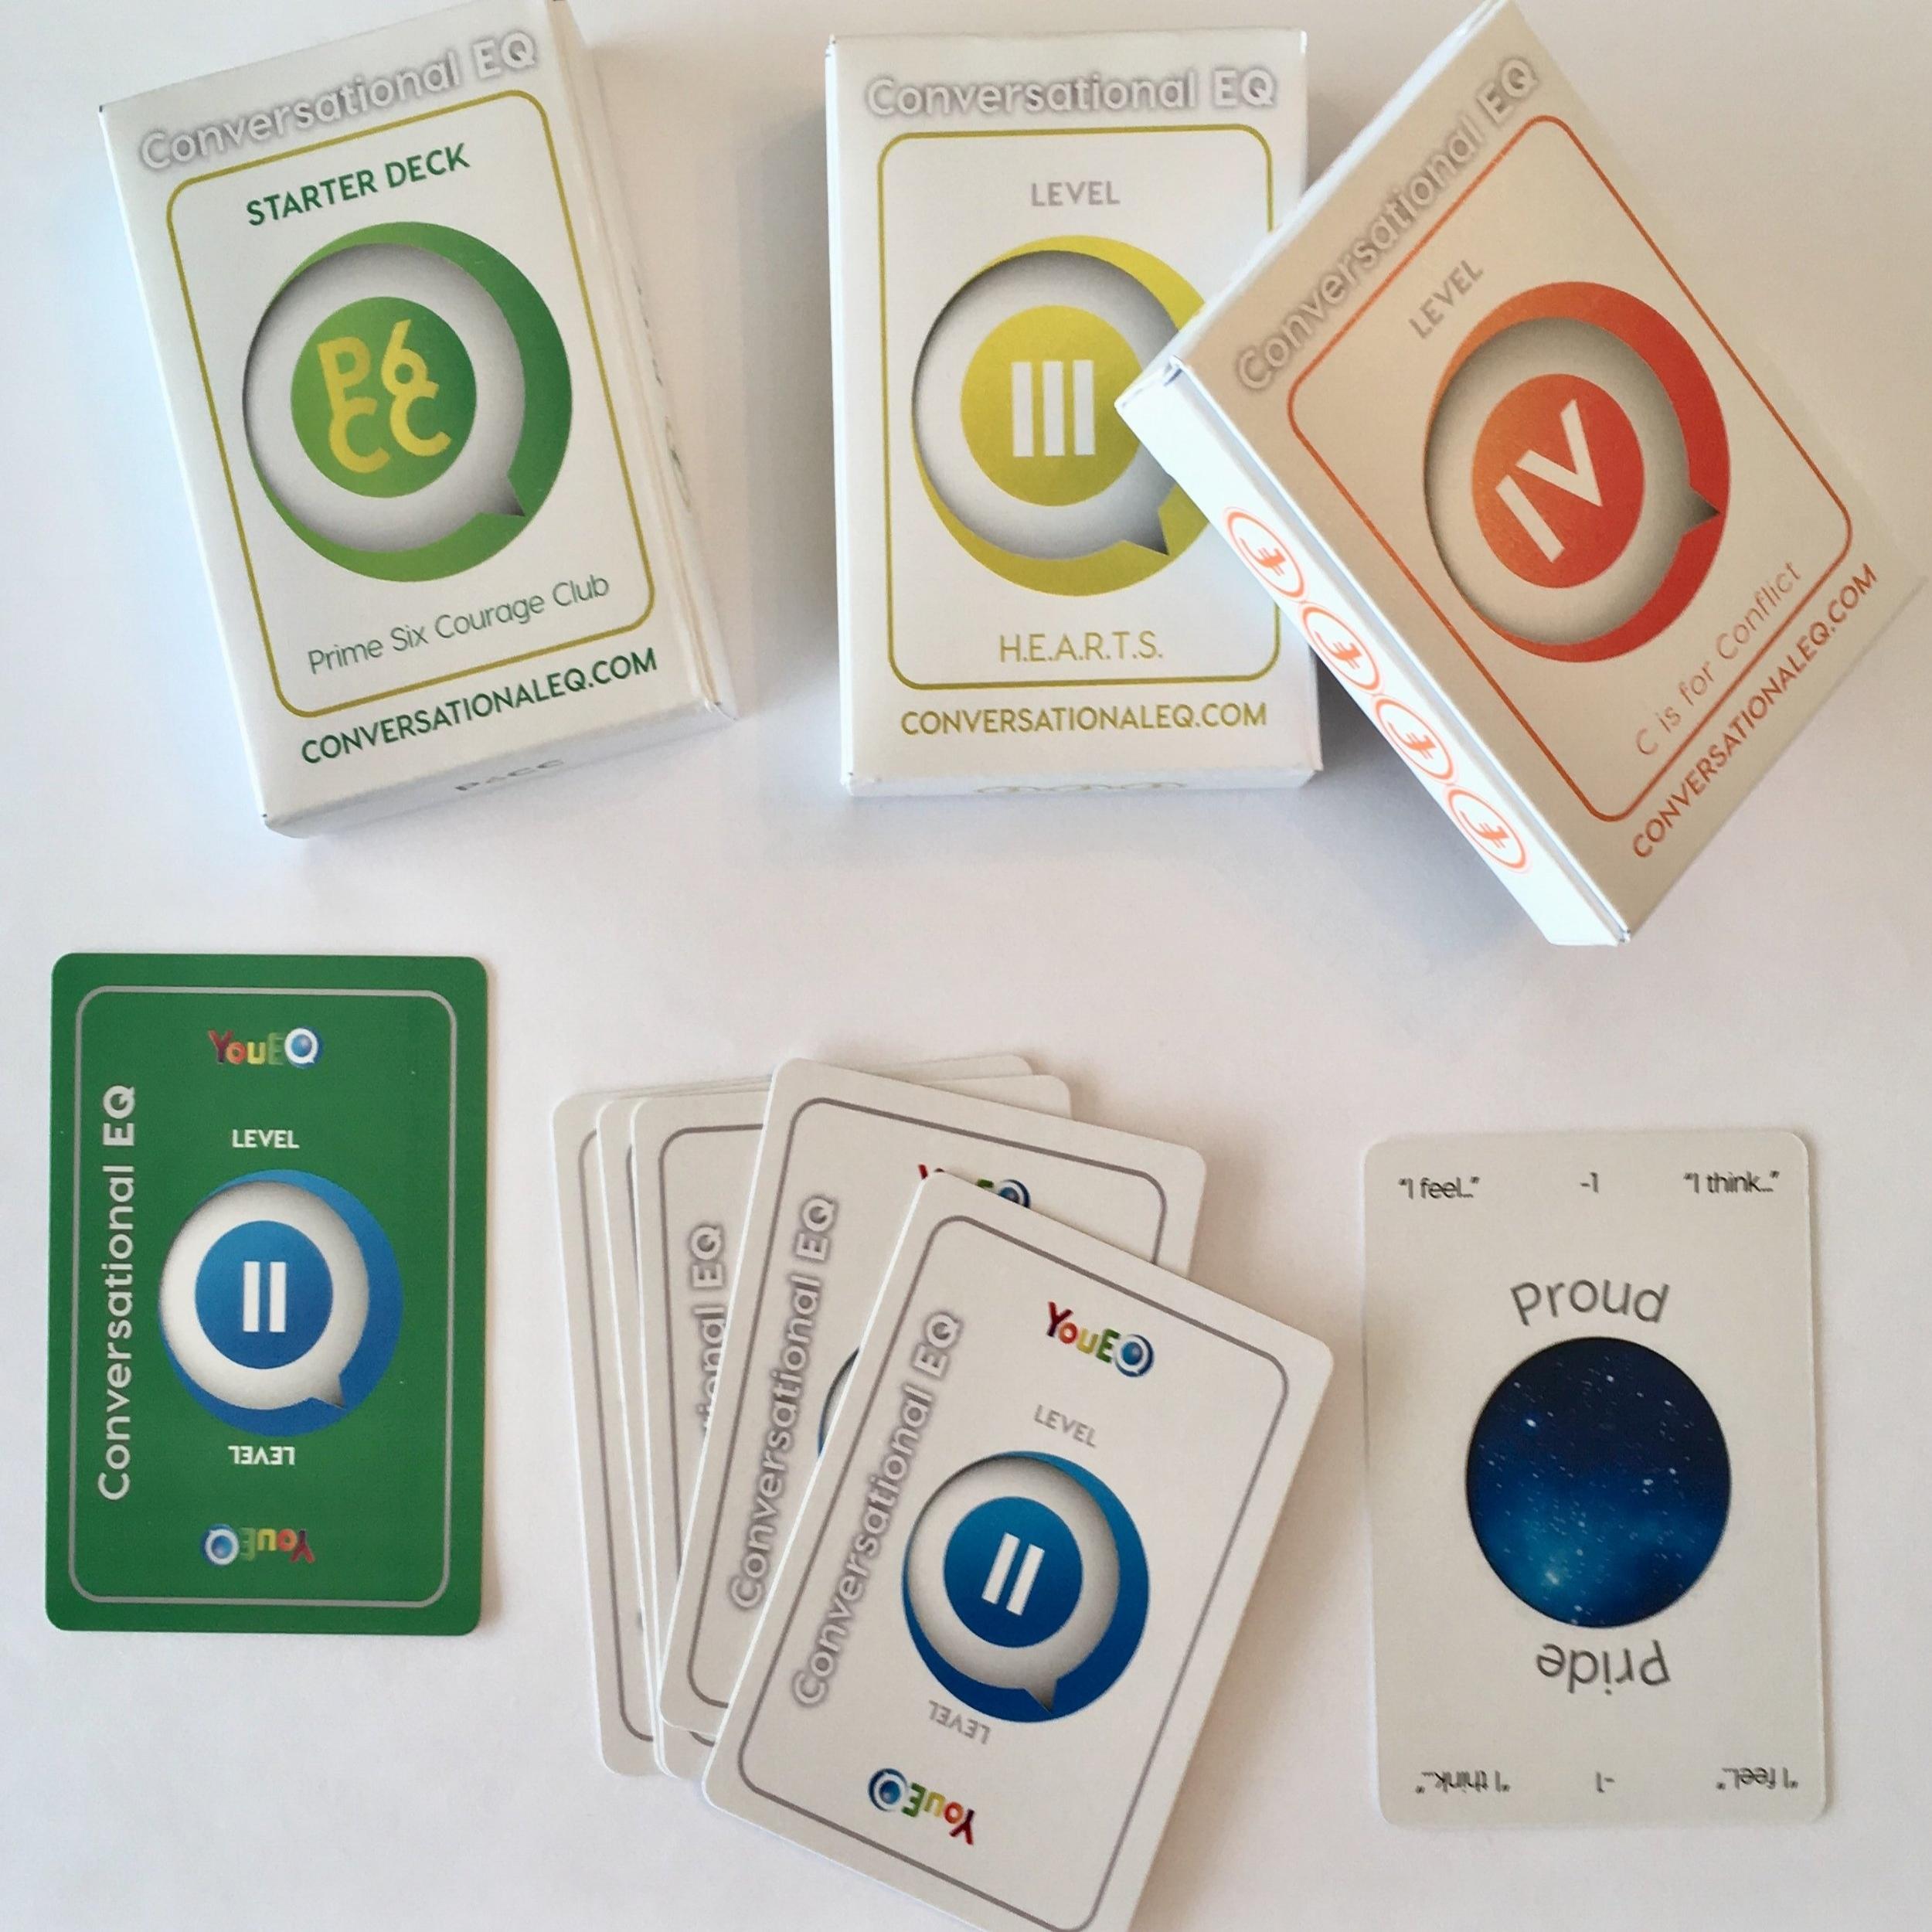 EQ cards2.jpg